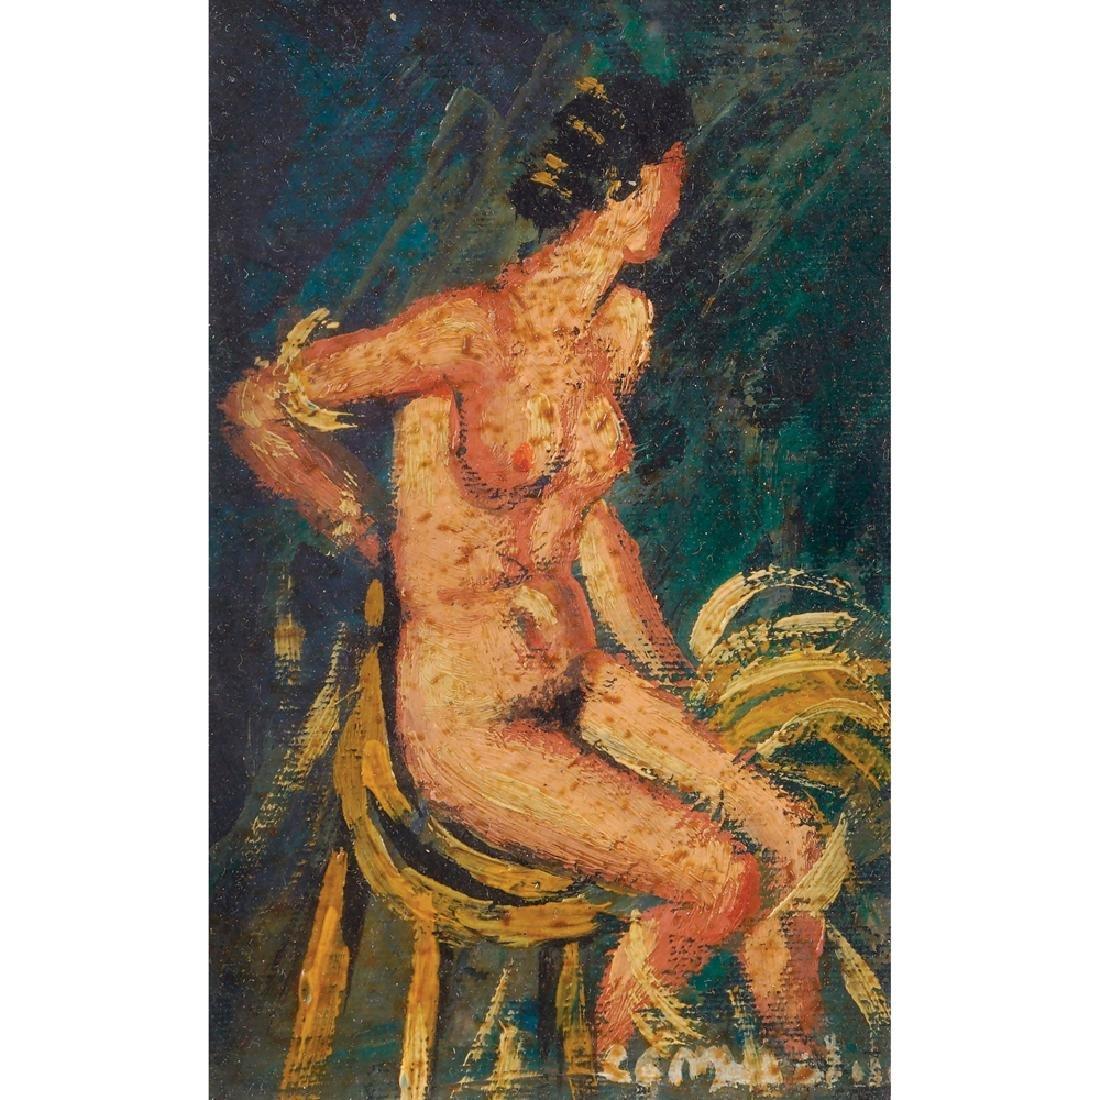 Bruno Roscioli 1925 - 2009 15x10 cm.